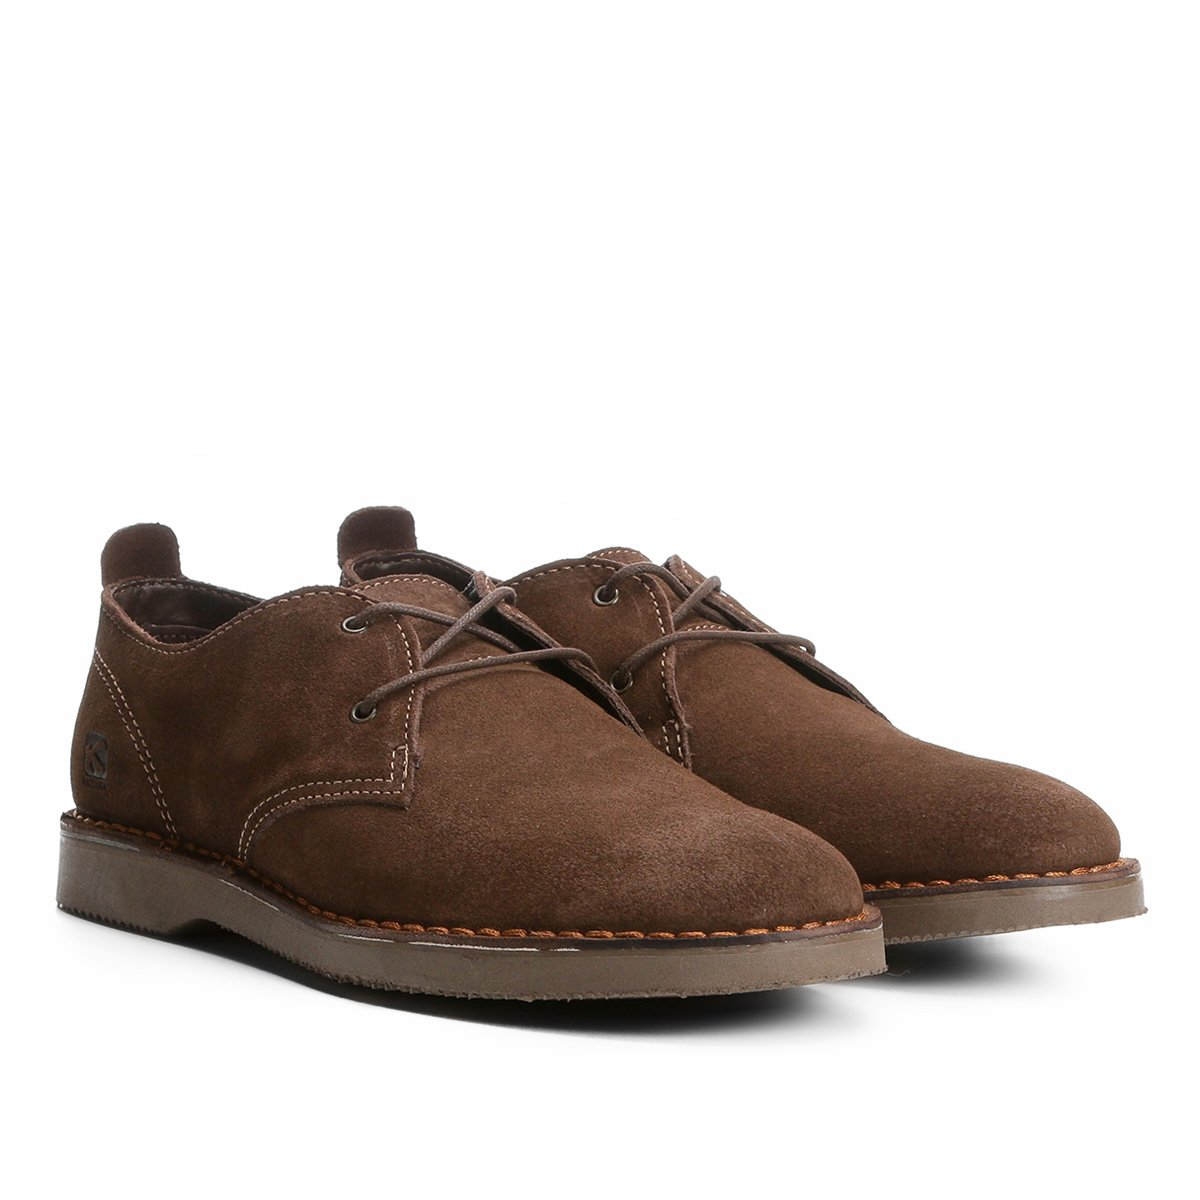 Sapato Casual Couro Kildare Filey Camurça Masculino